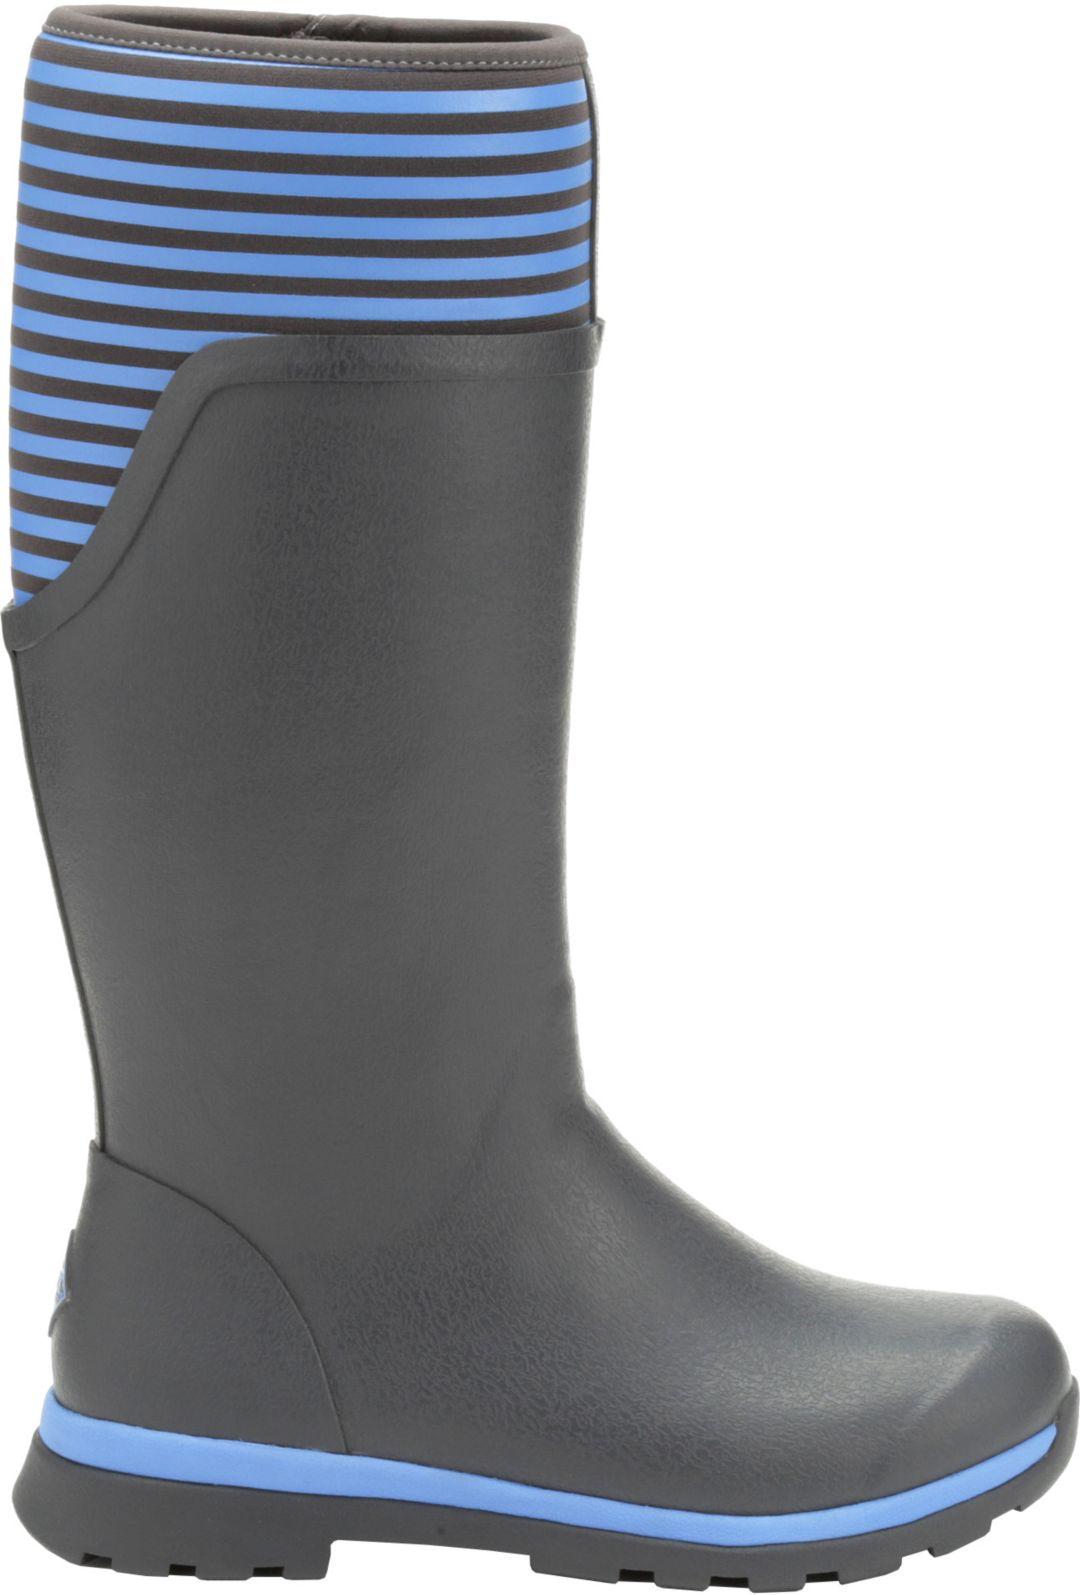 7275ac2a20a98 Muck Boots Women's Cambridge Stripe Tall Rain Boots | DICK'S ...